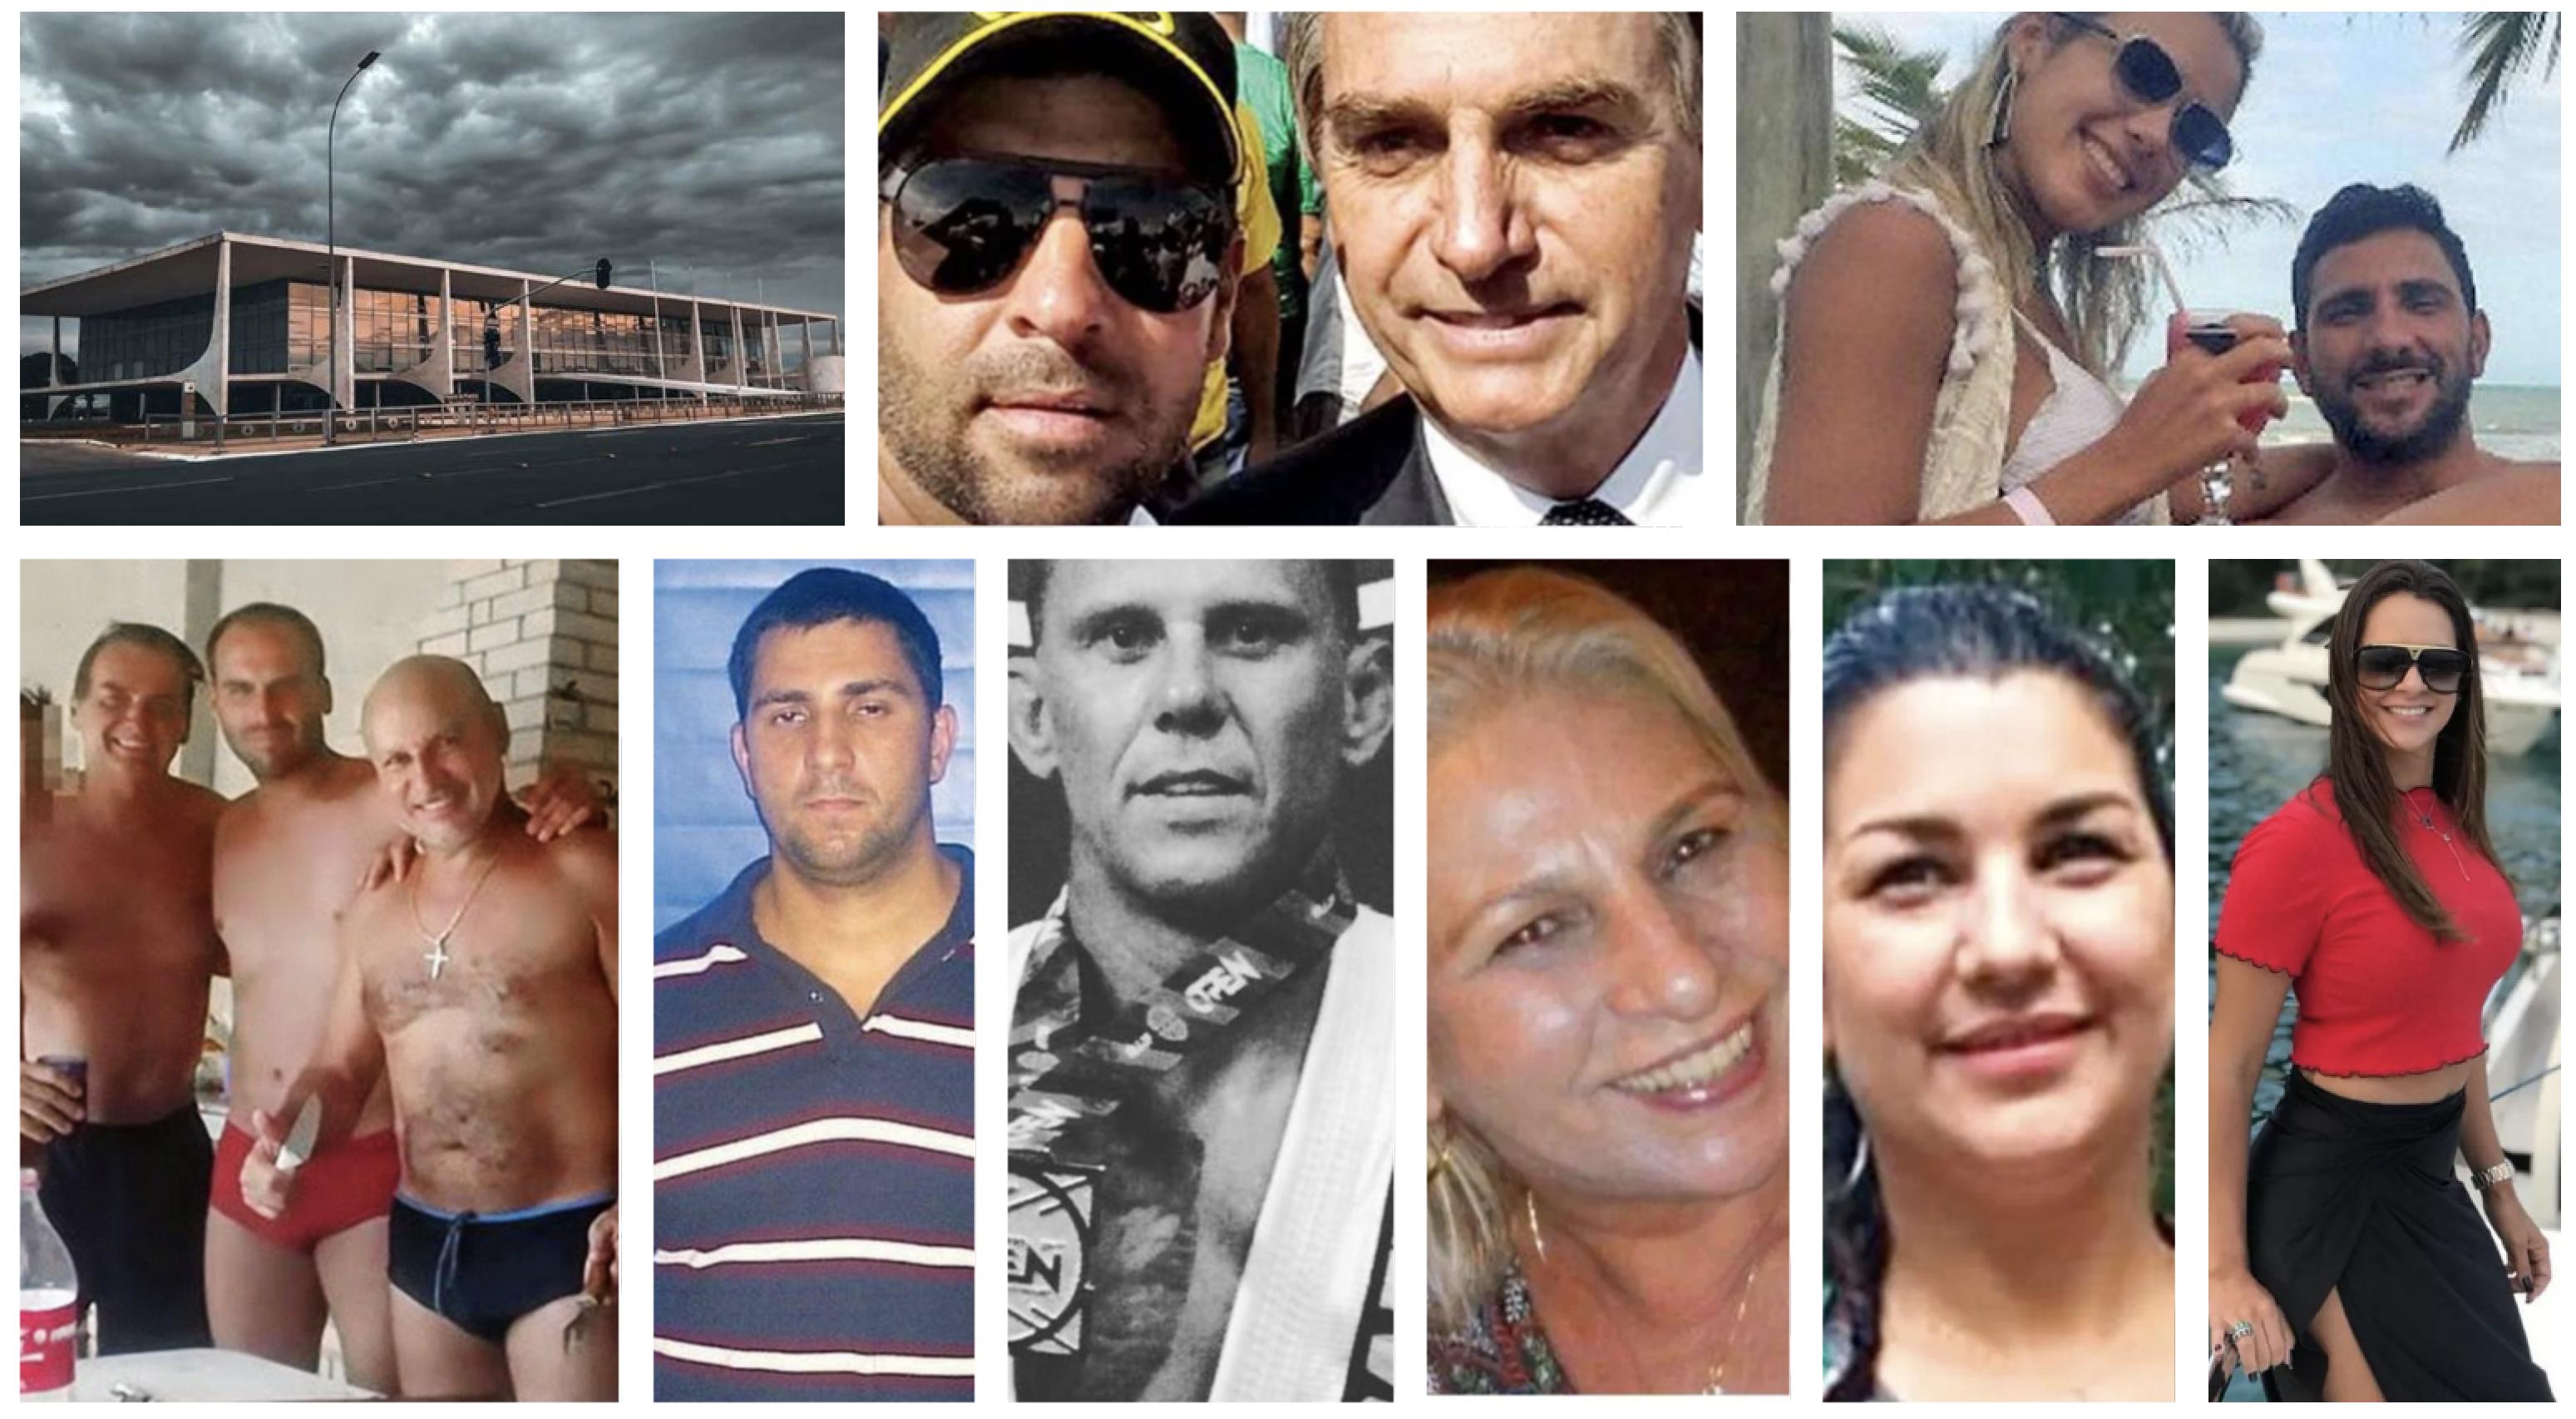 Queimas de arquivo rondam a casa de vidro. Adriano e Orelha, homenageados pelo clã Bolsonaro, estão mortos. O rastro do dinheiro vai falar?